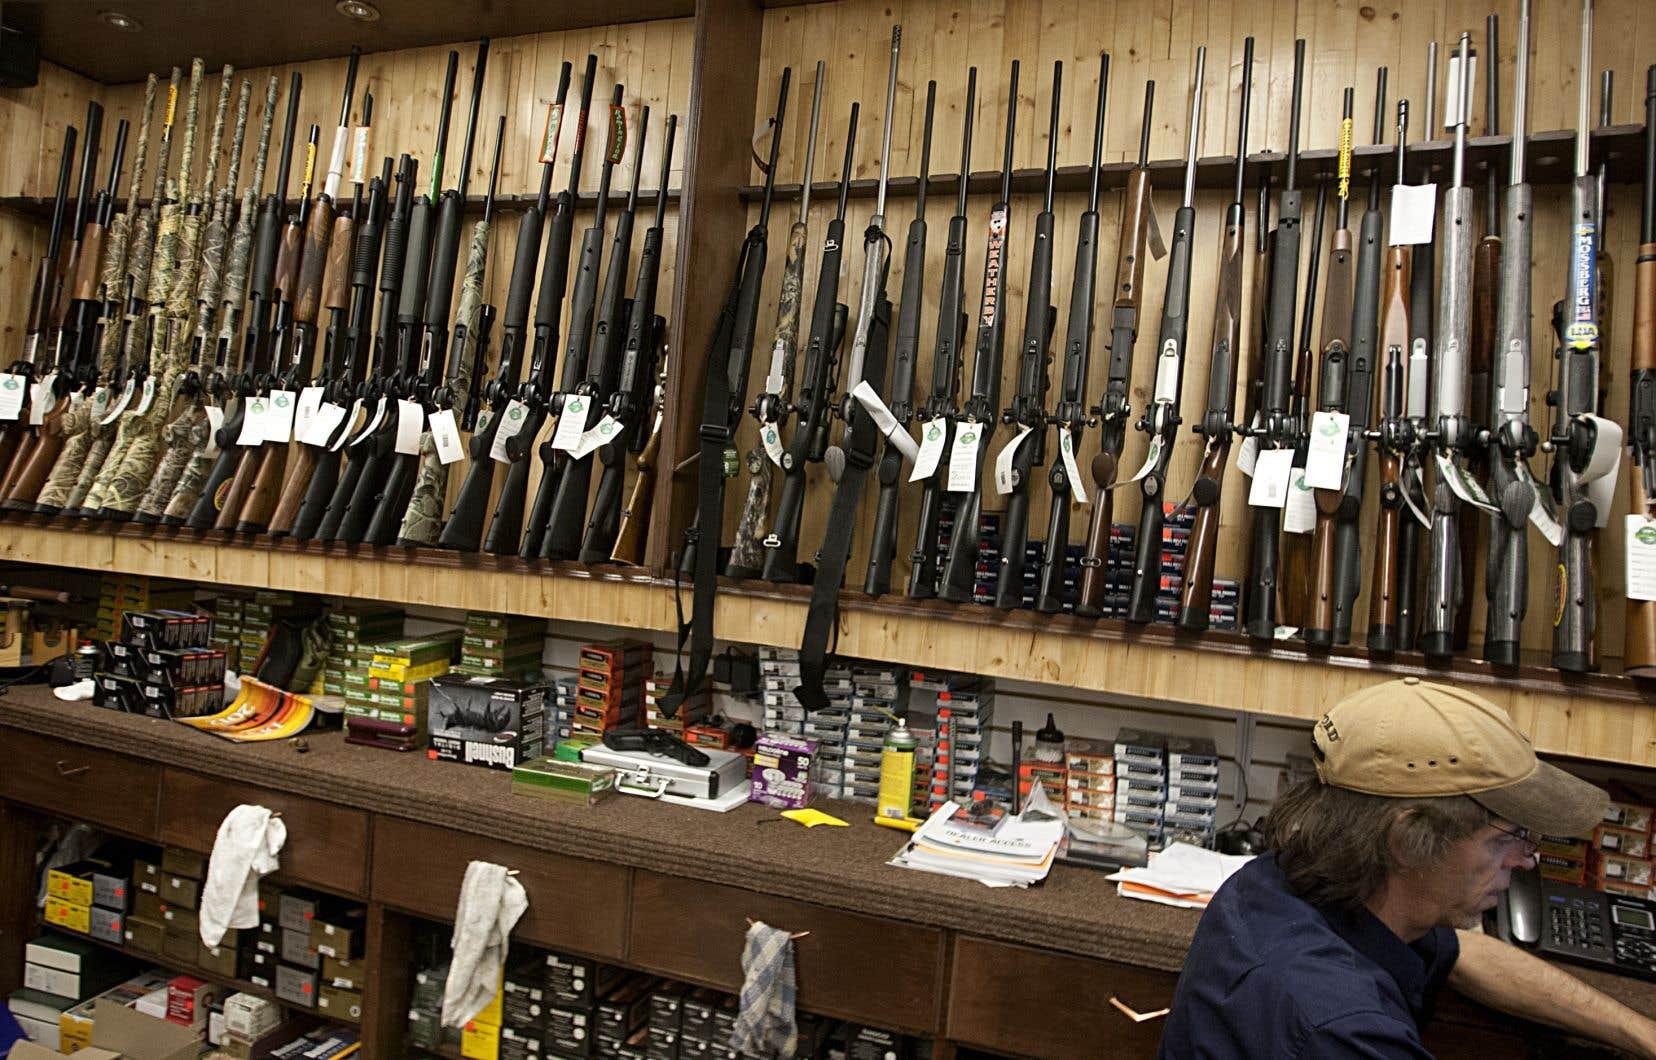 Le projet de loi permet notamment aux autorités de fouiller tout le passé du demandeur pour déterminer si une personne est admissible à un permis d'armes à feu.